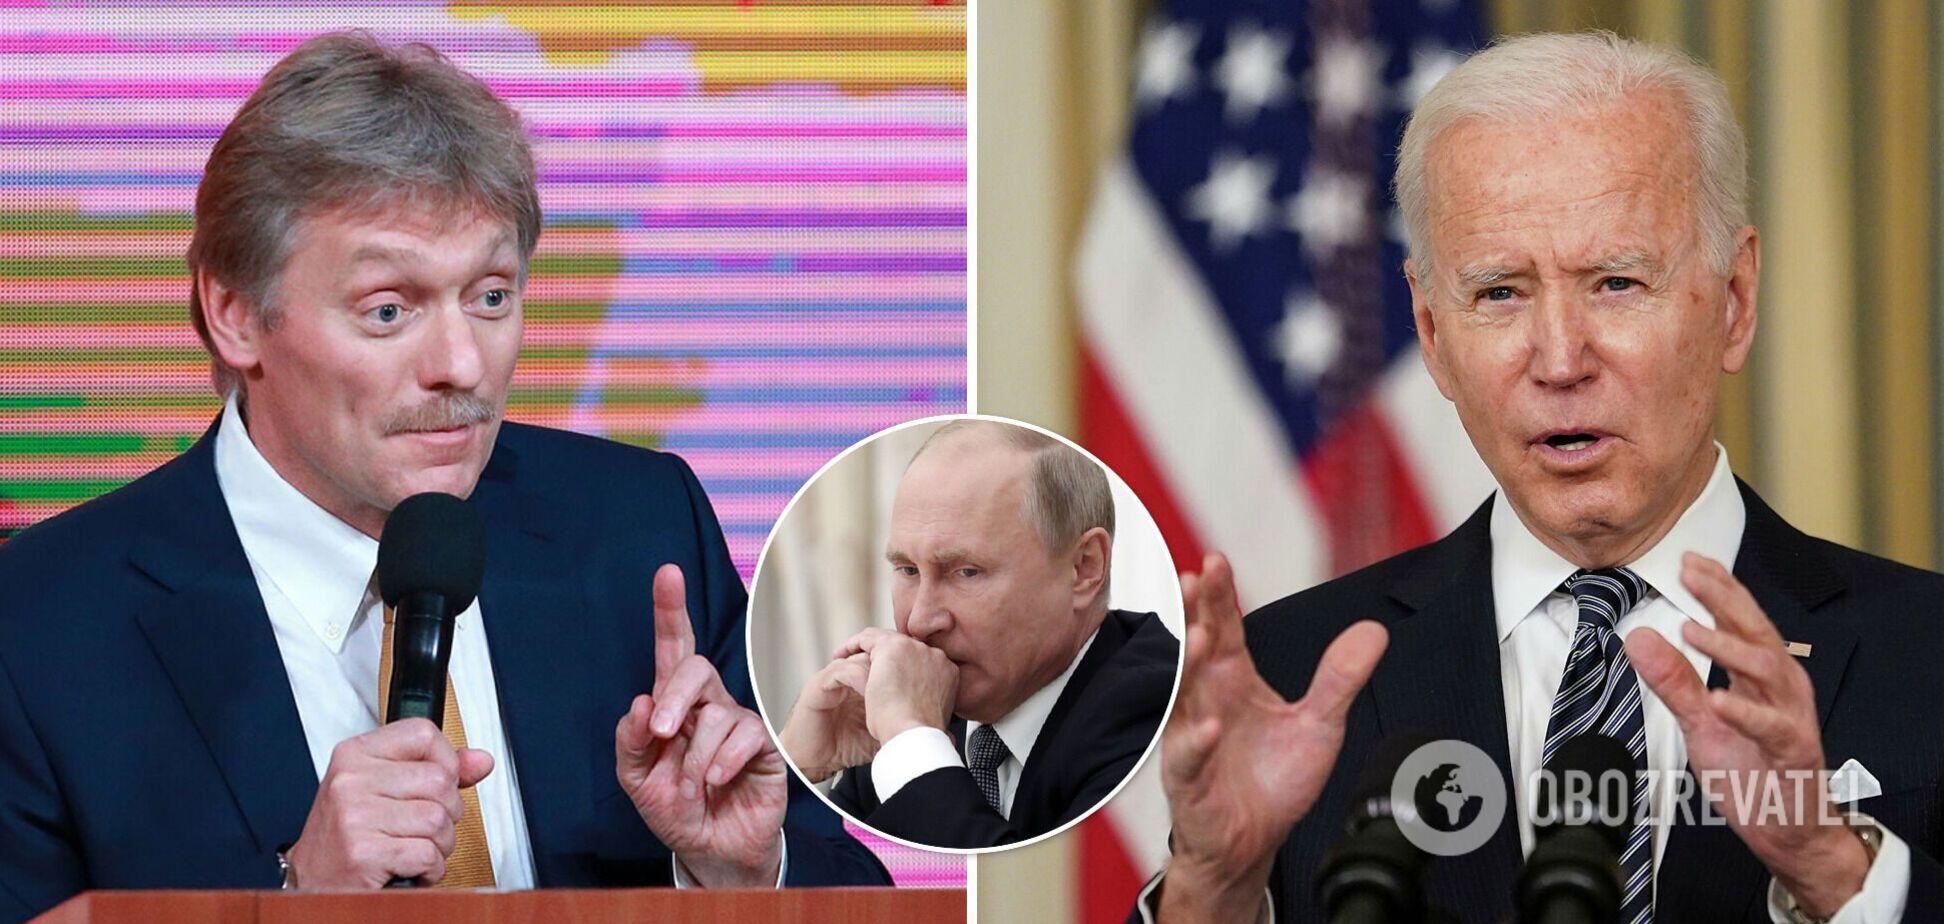 Байден дуже погано висловився про Путіна, такого в історії ще не було, – Пєсков